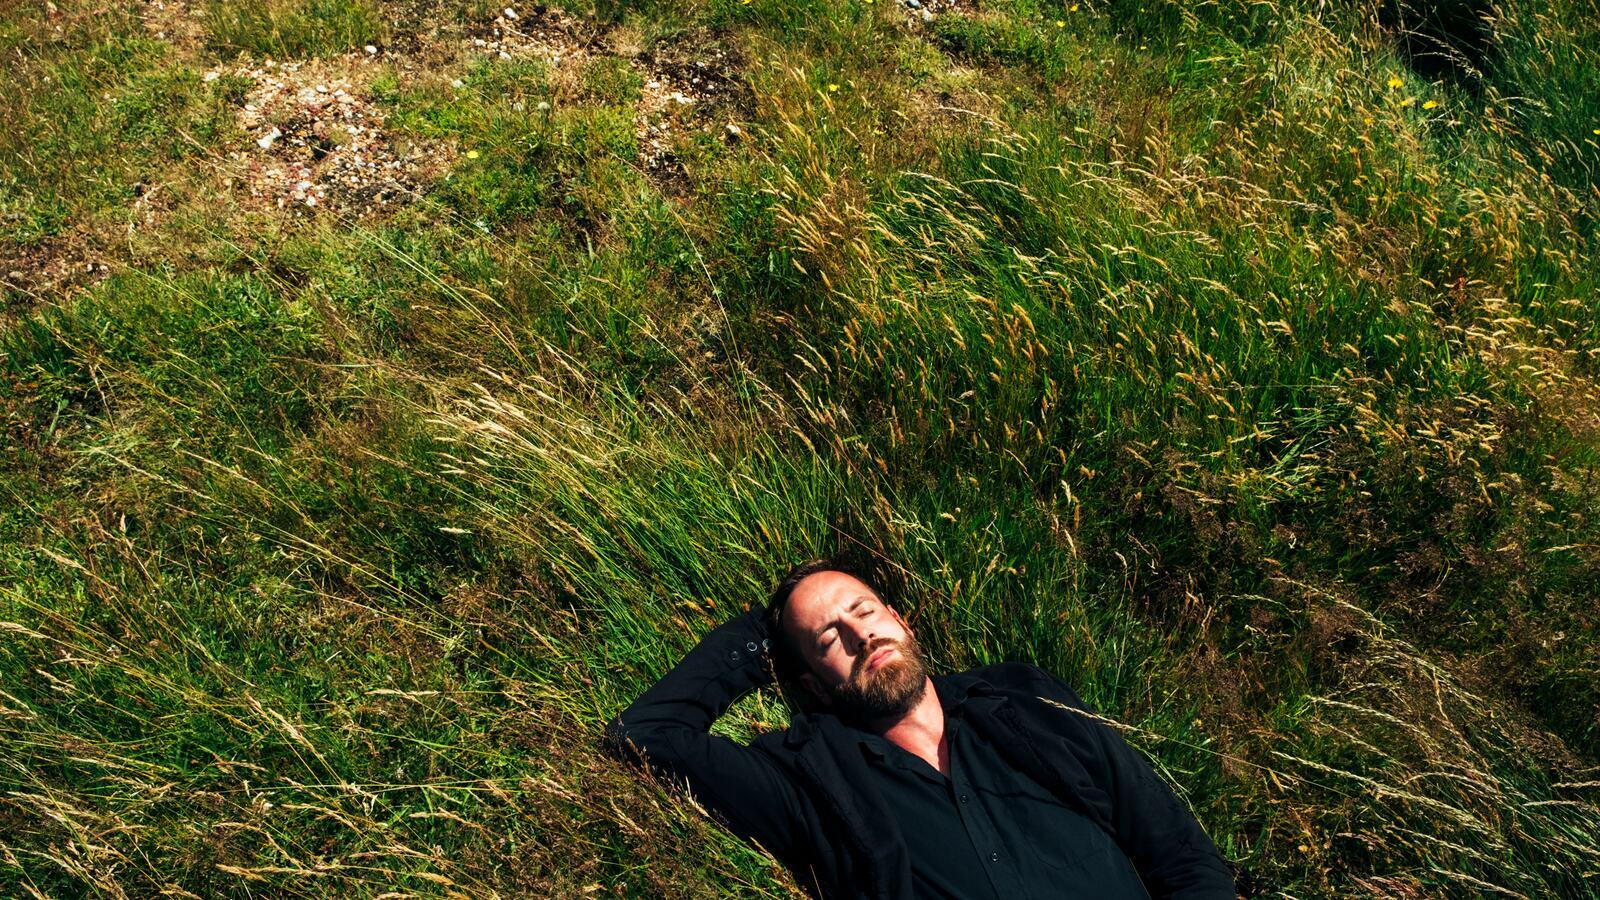 Ulrich Schnauss, electronic musician